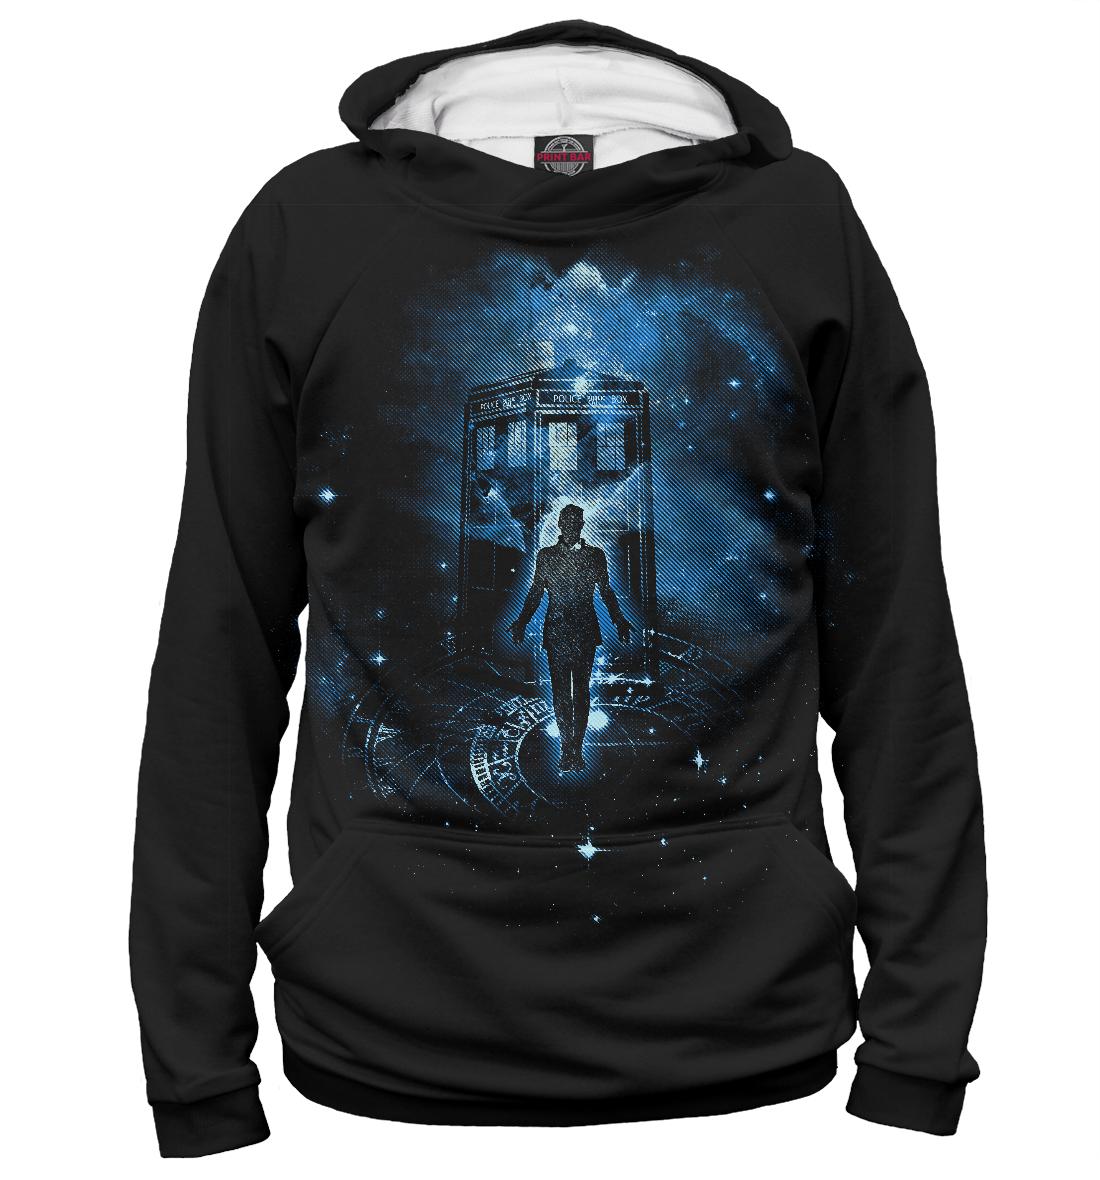 Купить Доктор Кто, Printbar, Худи, DOK-422322-hud-1